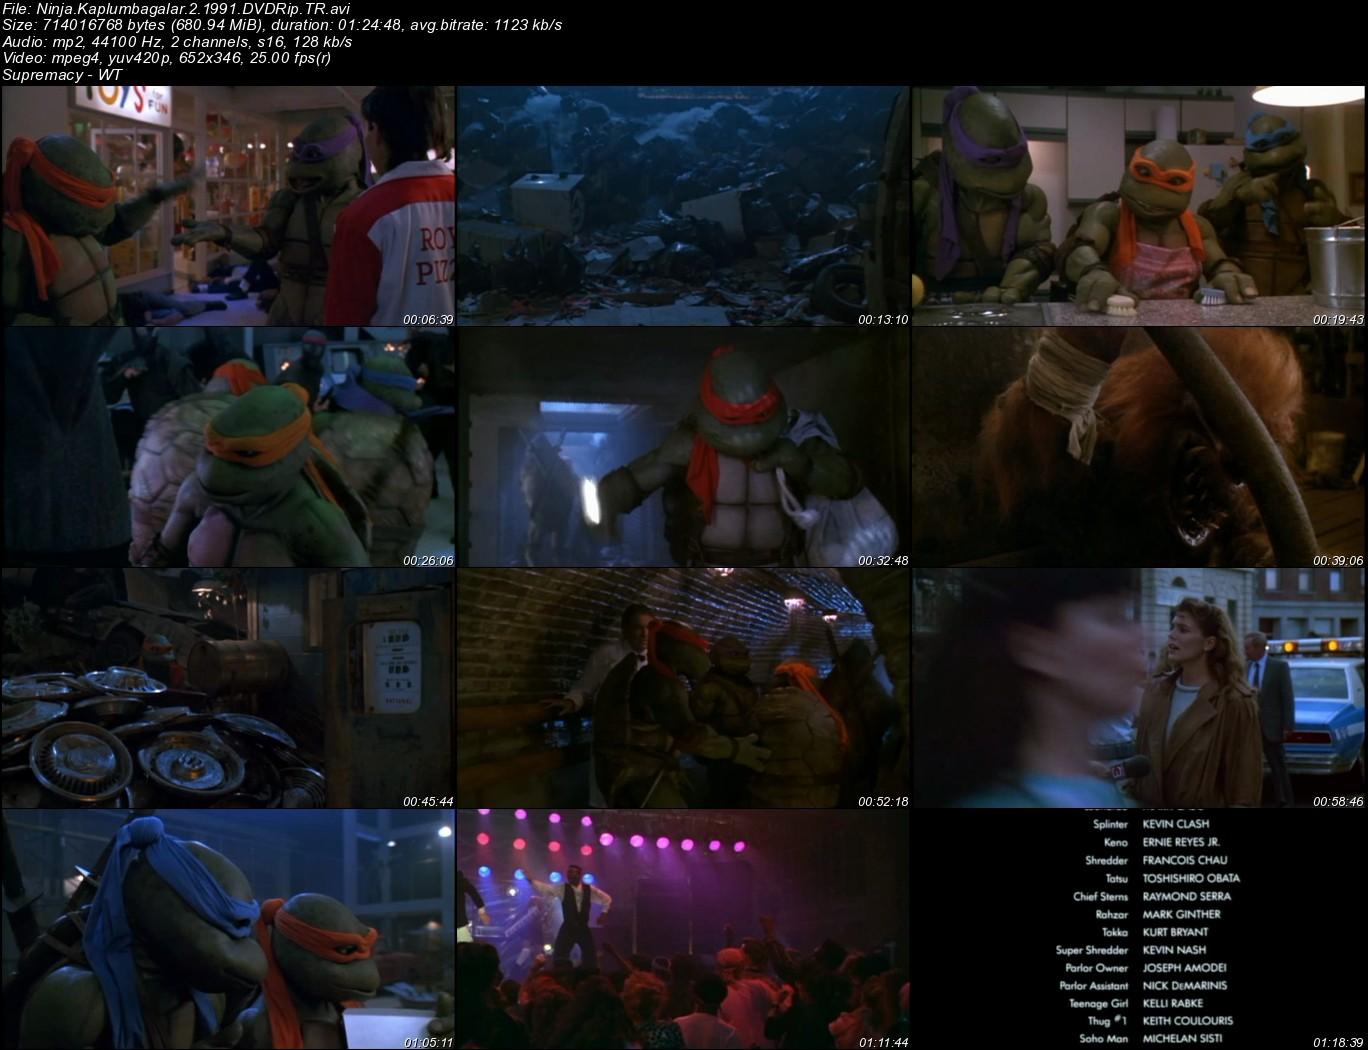 Ninja Kaplumbağalar 2 - 1991 Türkçe Dublaj Dvdrip Tek Link